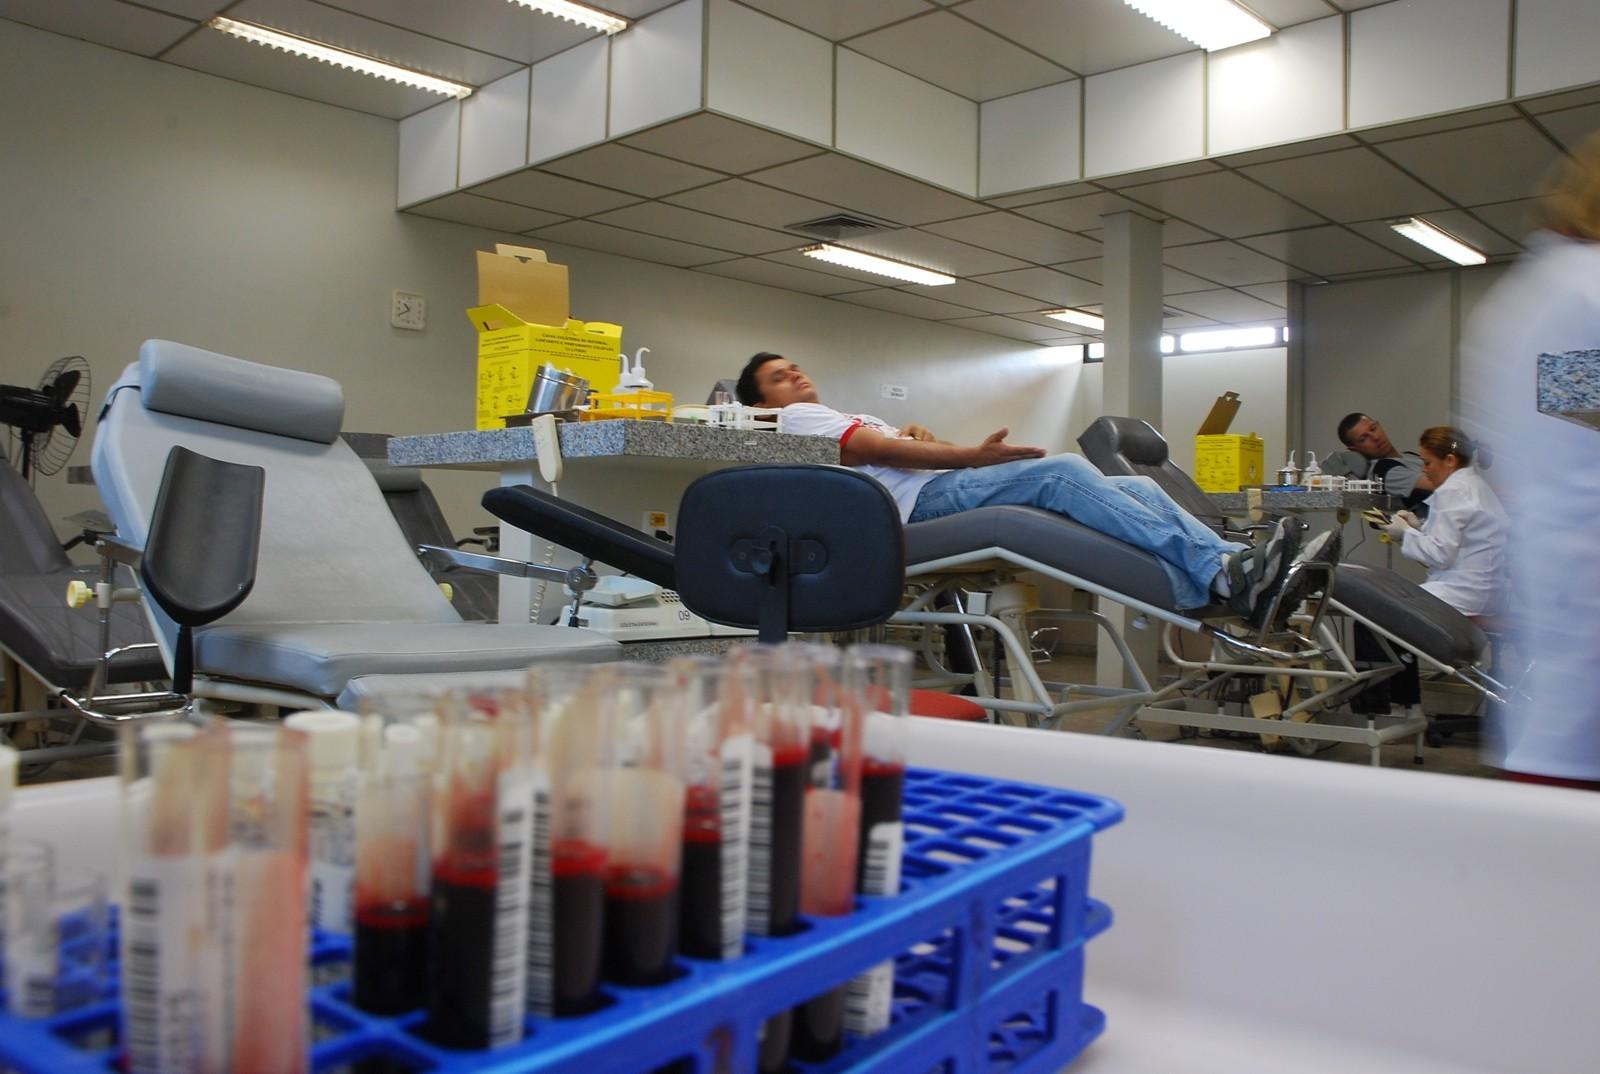 Campanha de doação de sangue vai acontecer nesta quinta (17) no Hemocentro de João Pessoa